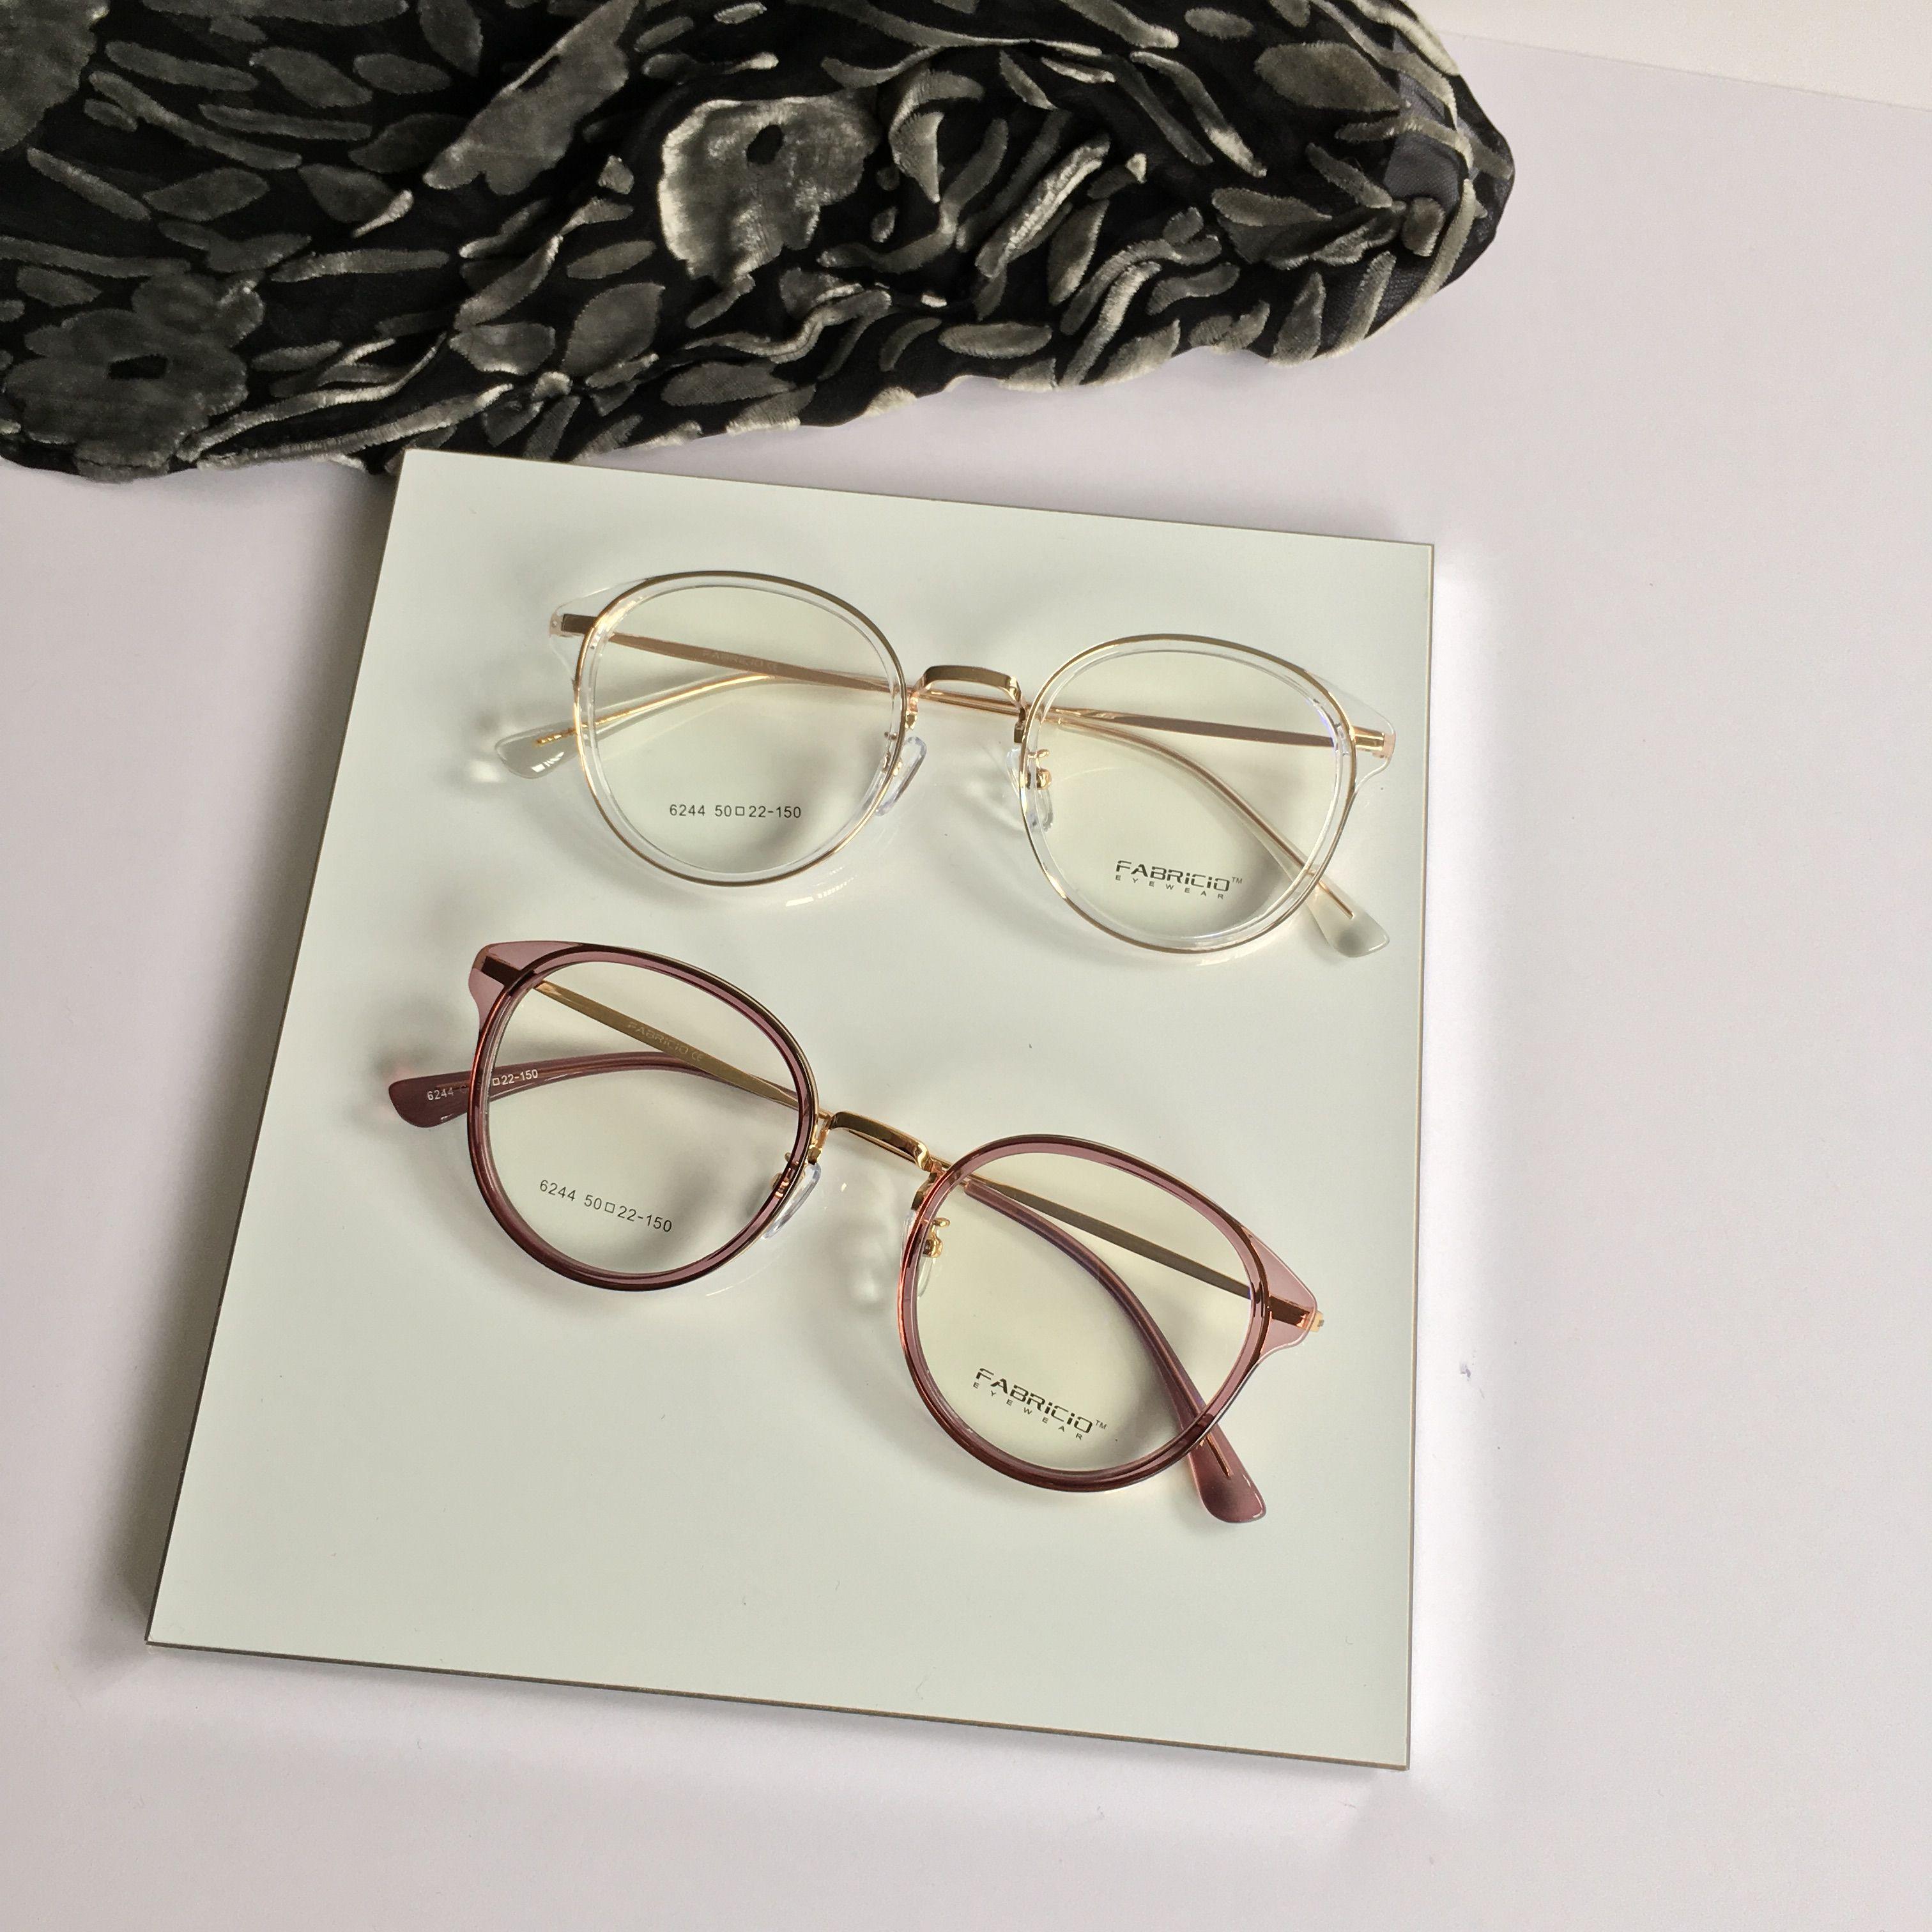 ccd7a43f47a Fabricio - Fashionable eyewear for men and wome… | Eyewear Fashion ...